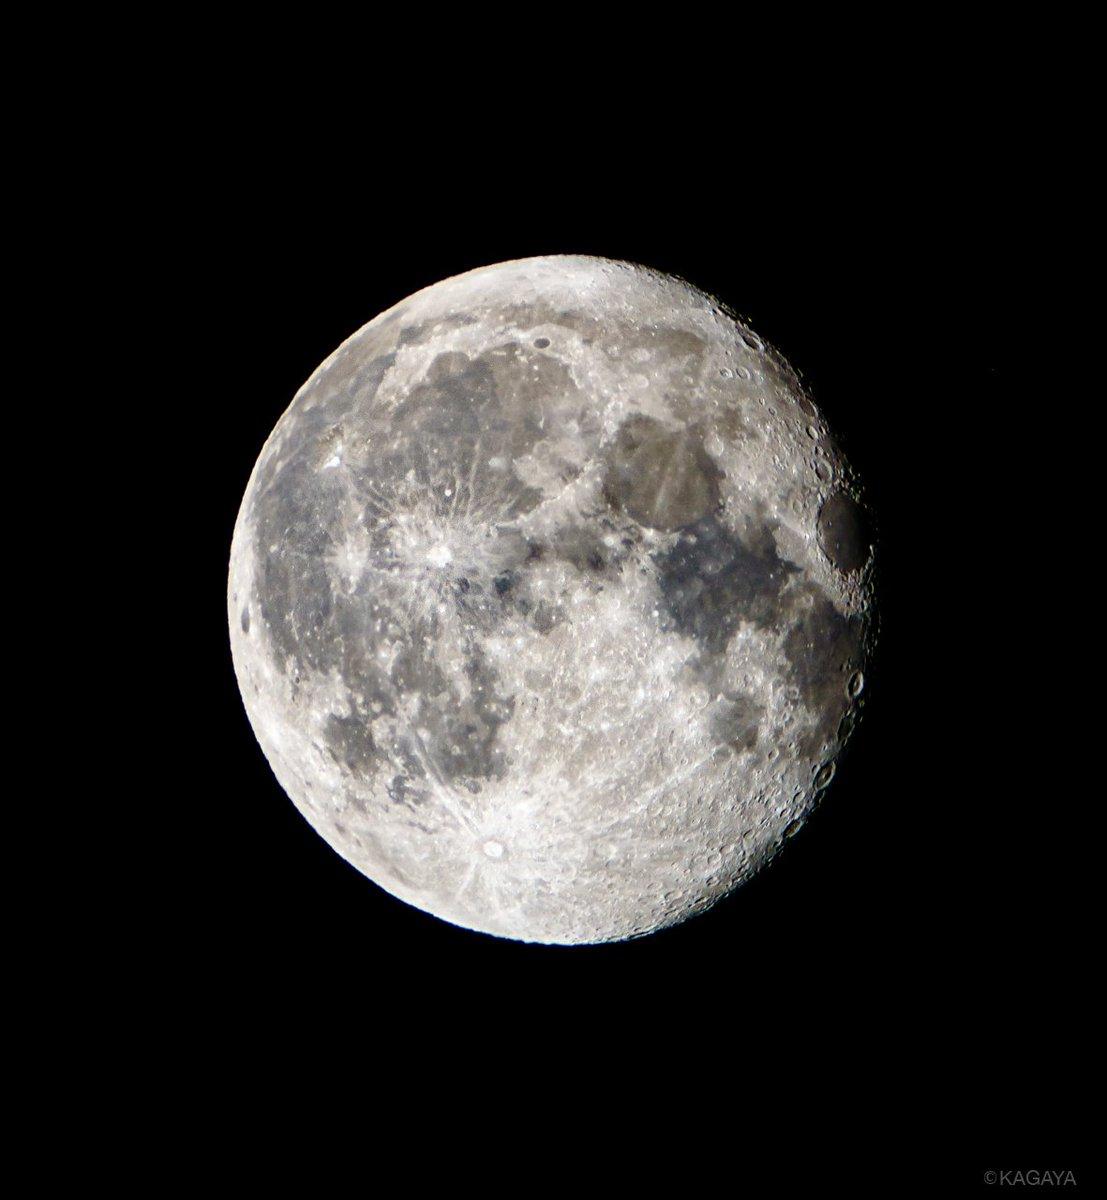 空をご覧ください。 東に見事な居待月が昇りました(今望遠鏡で撮影)。 月の右手にはオリオン座が見えて…